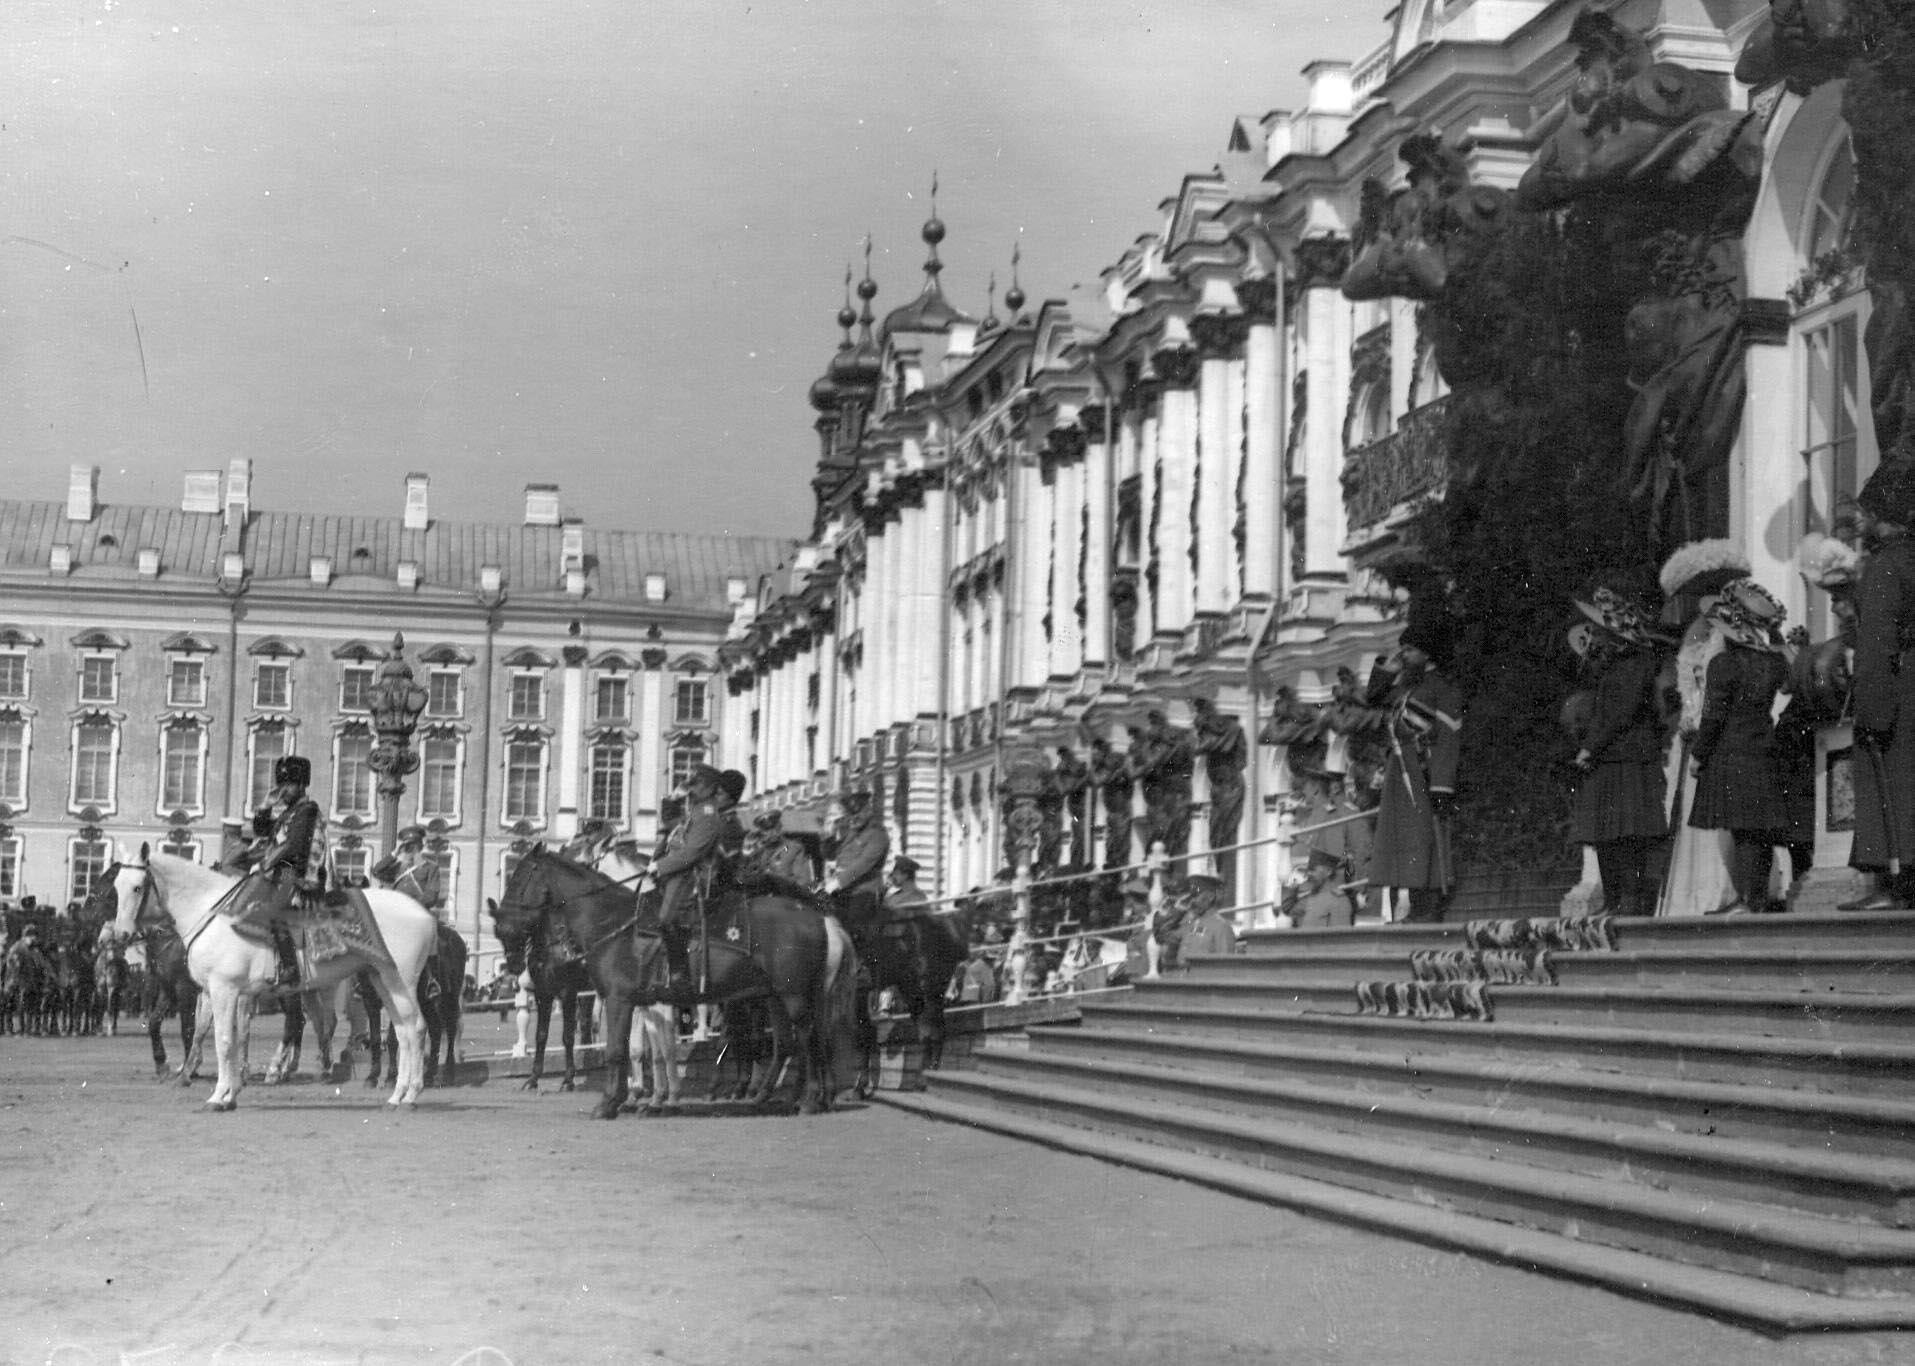 1909. Император Николай II со свитой и членами императорской фамилии у Екатерининского дворца во время церемониального марша лейб-гусар на параде полка. 15 мая